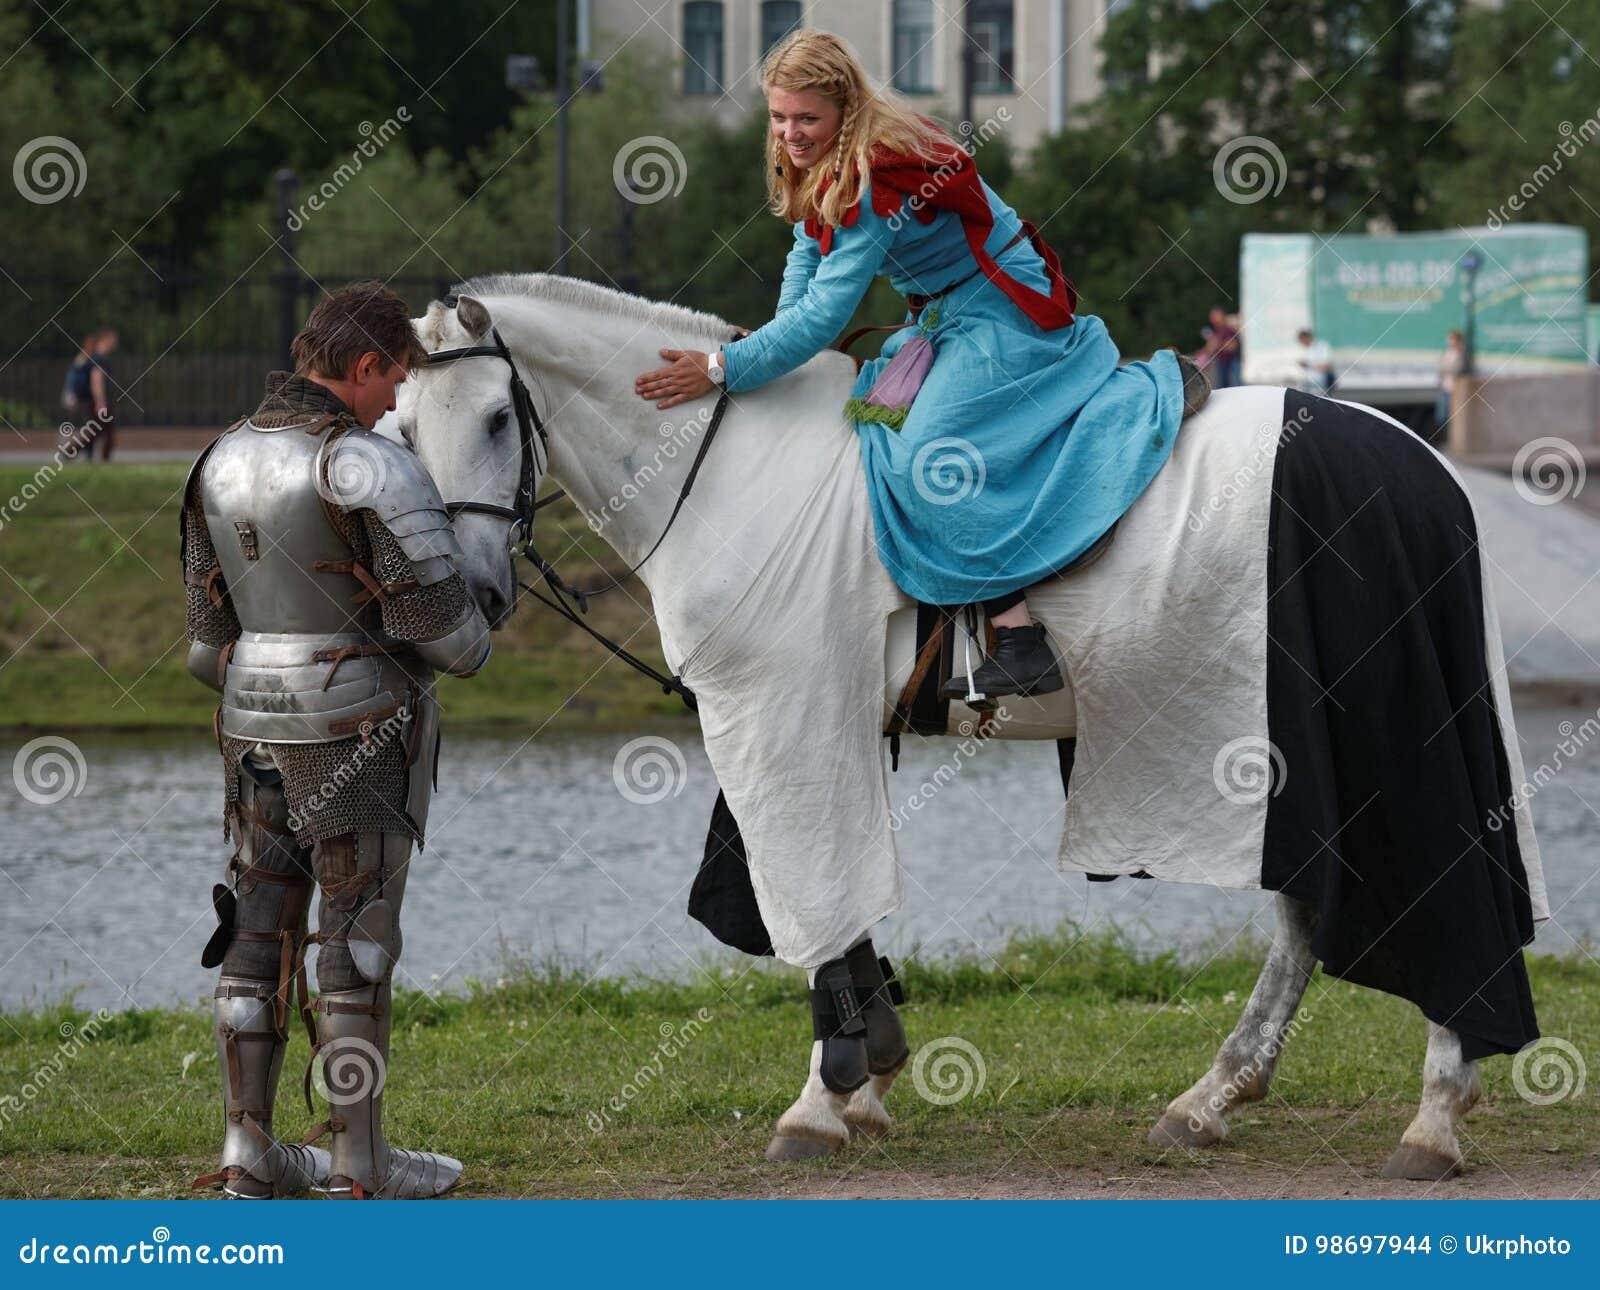 Vestiti Medievali Immagine Su Cavallo Editoriale Stock Un In Donne FcTKJl1